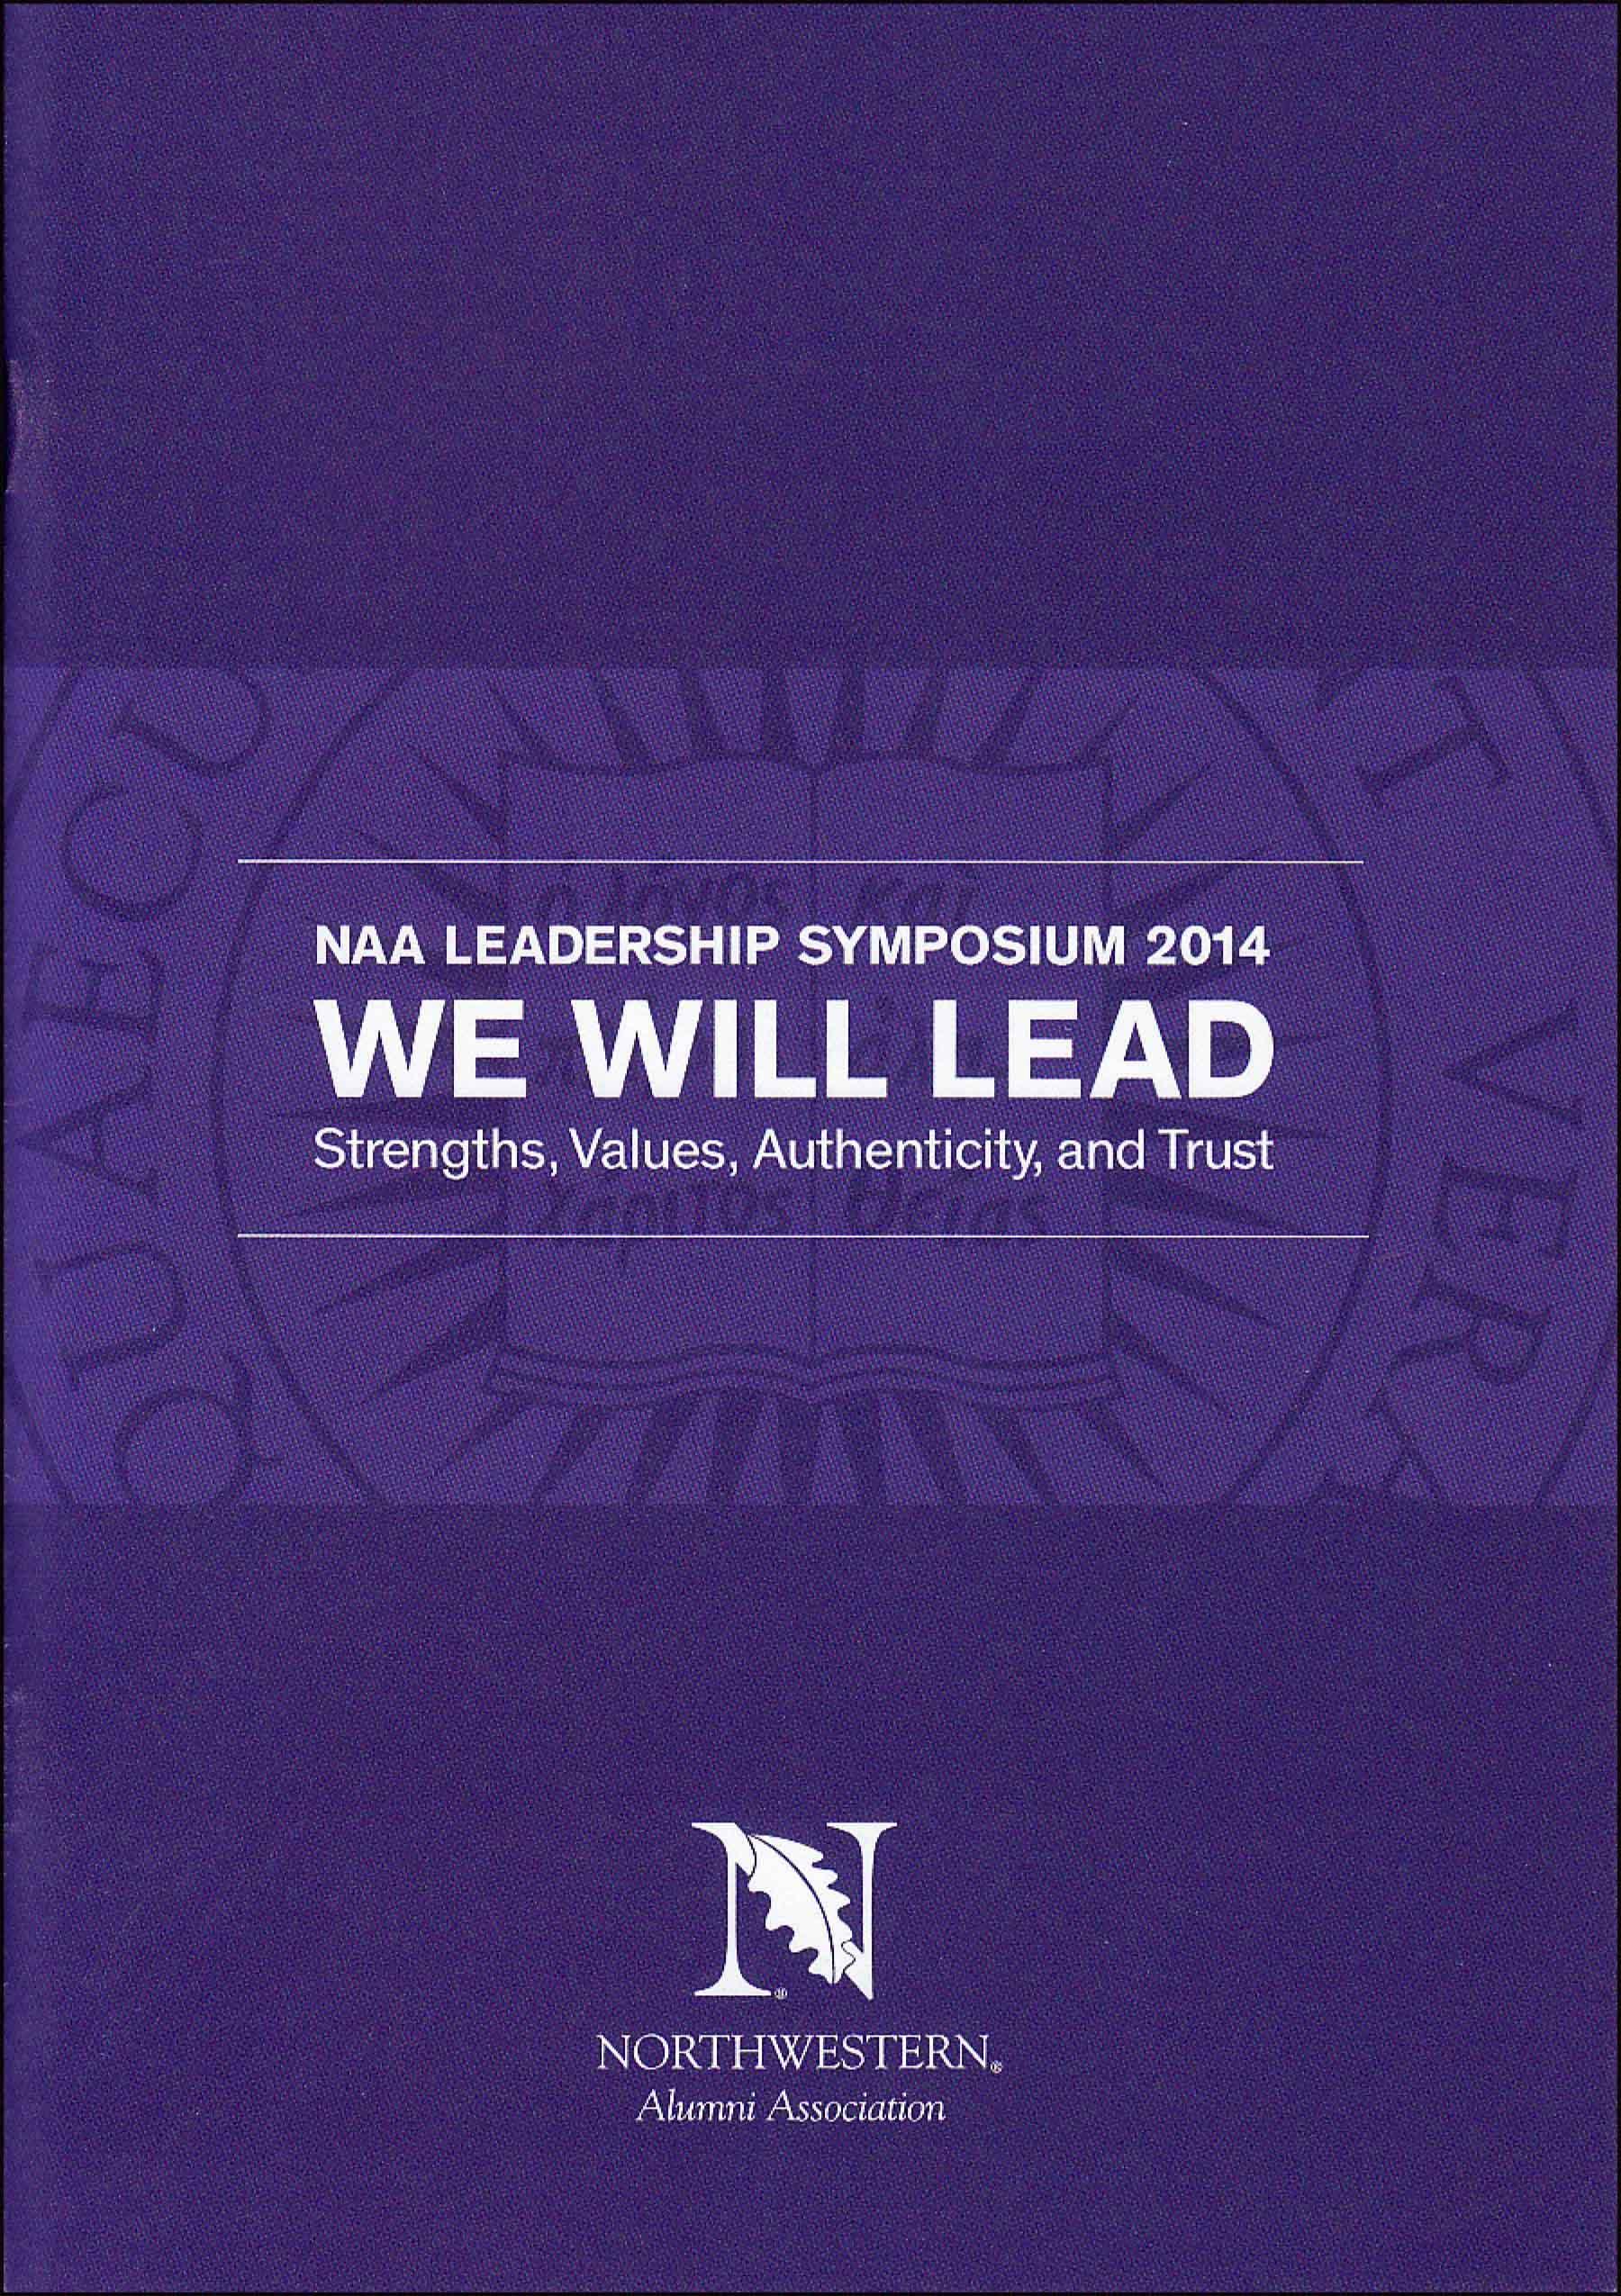 NU_leadership_symposium_14-1.jpg